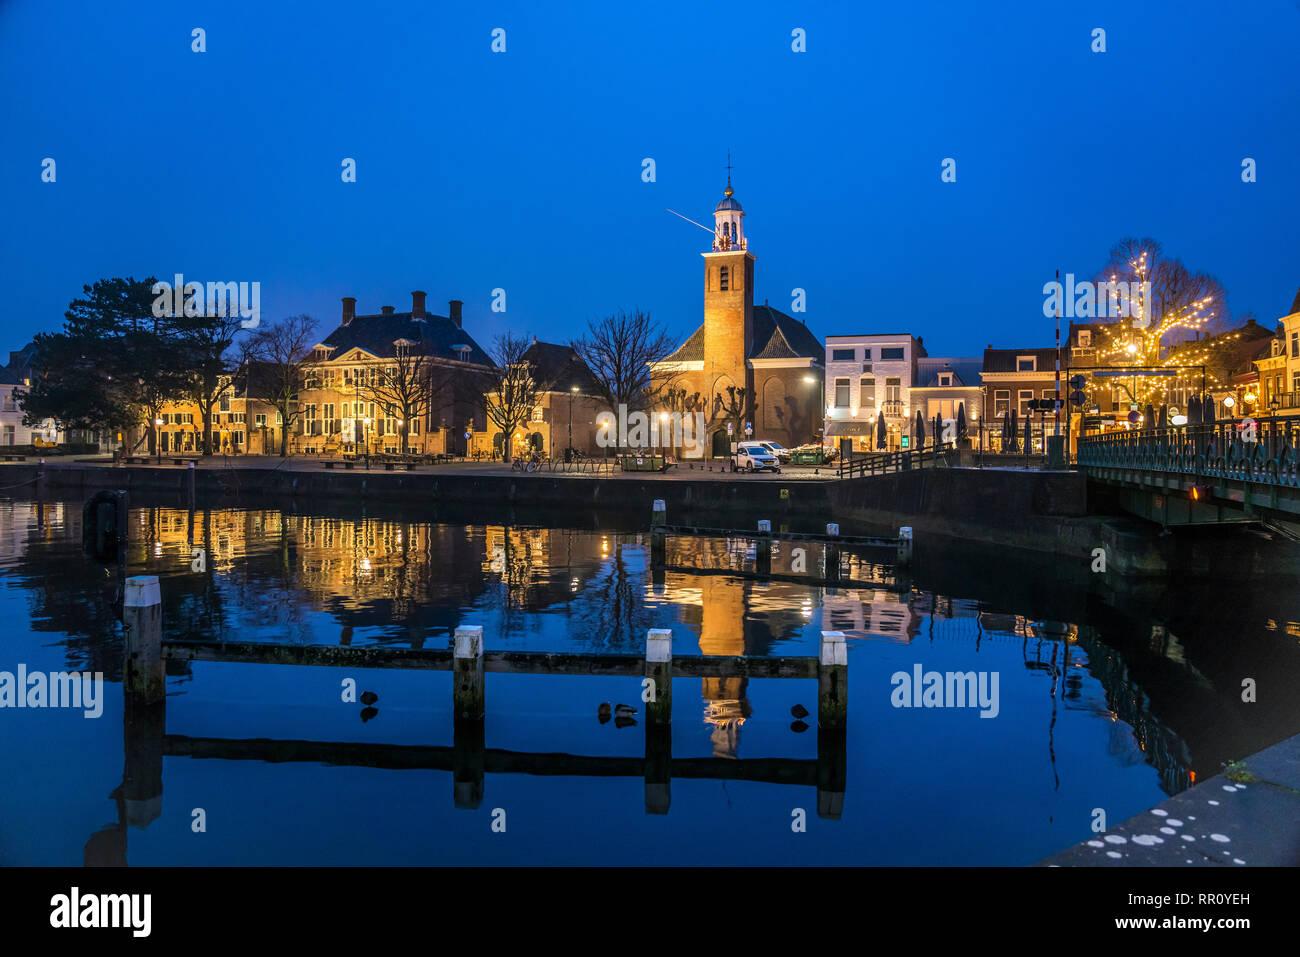 Stadtansicht mit Hafen und Kirche Vestingkerk in derAbenddämmerung, Hellevoetsluis, Südholland, Niederlande     city view with harbour and church Vest Stock Photo